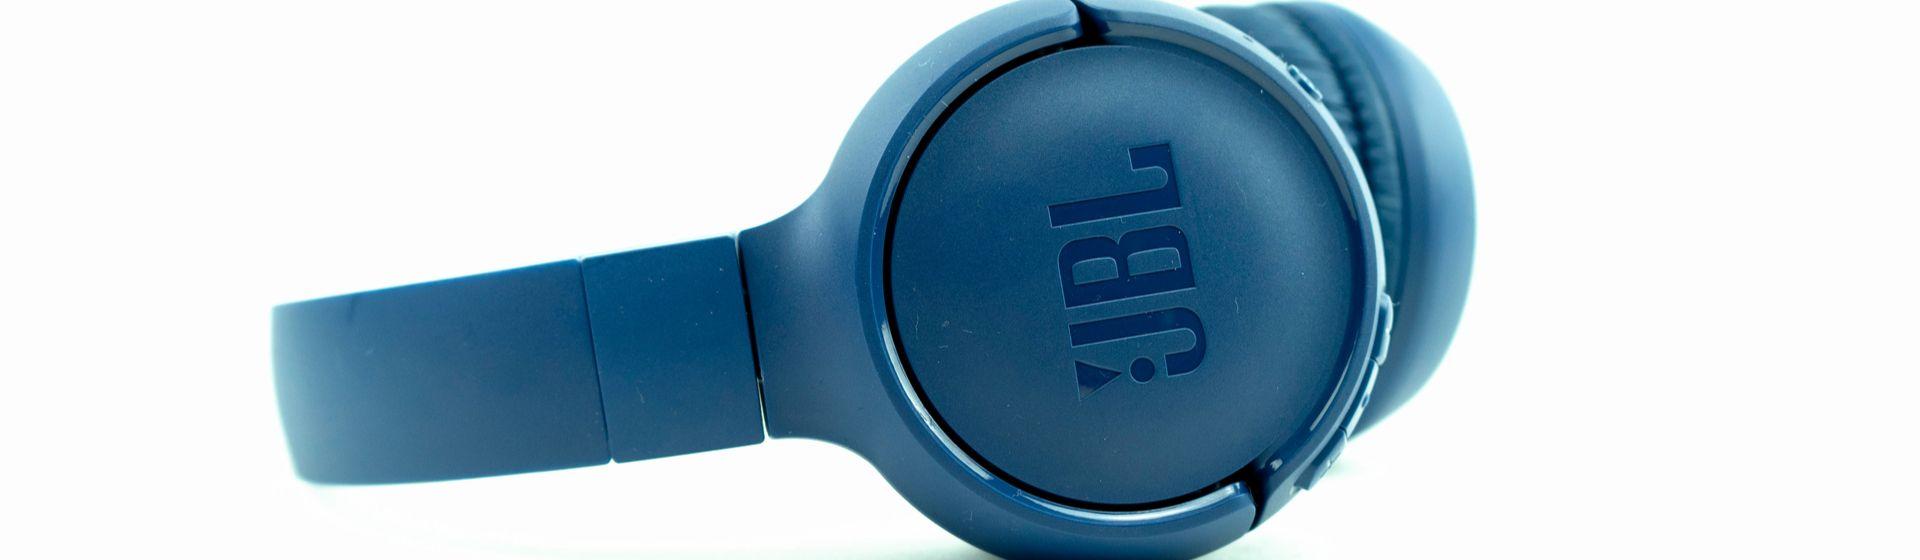 JBL Tune 500BT é bom? Conheça a ficha técnica do fone de ouvido